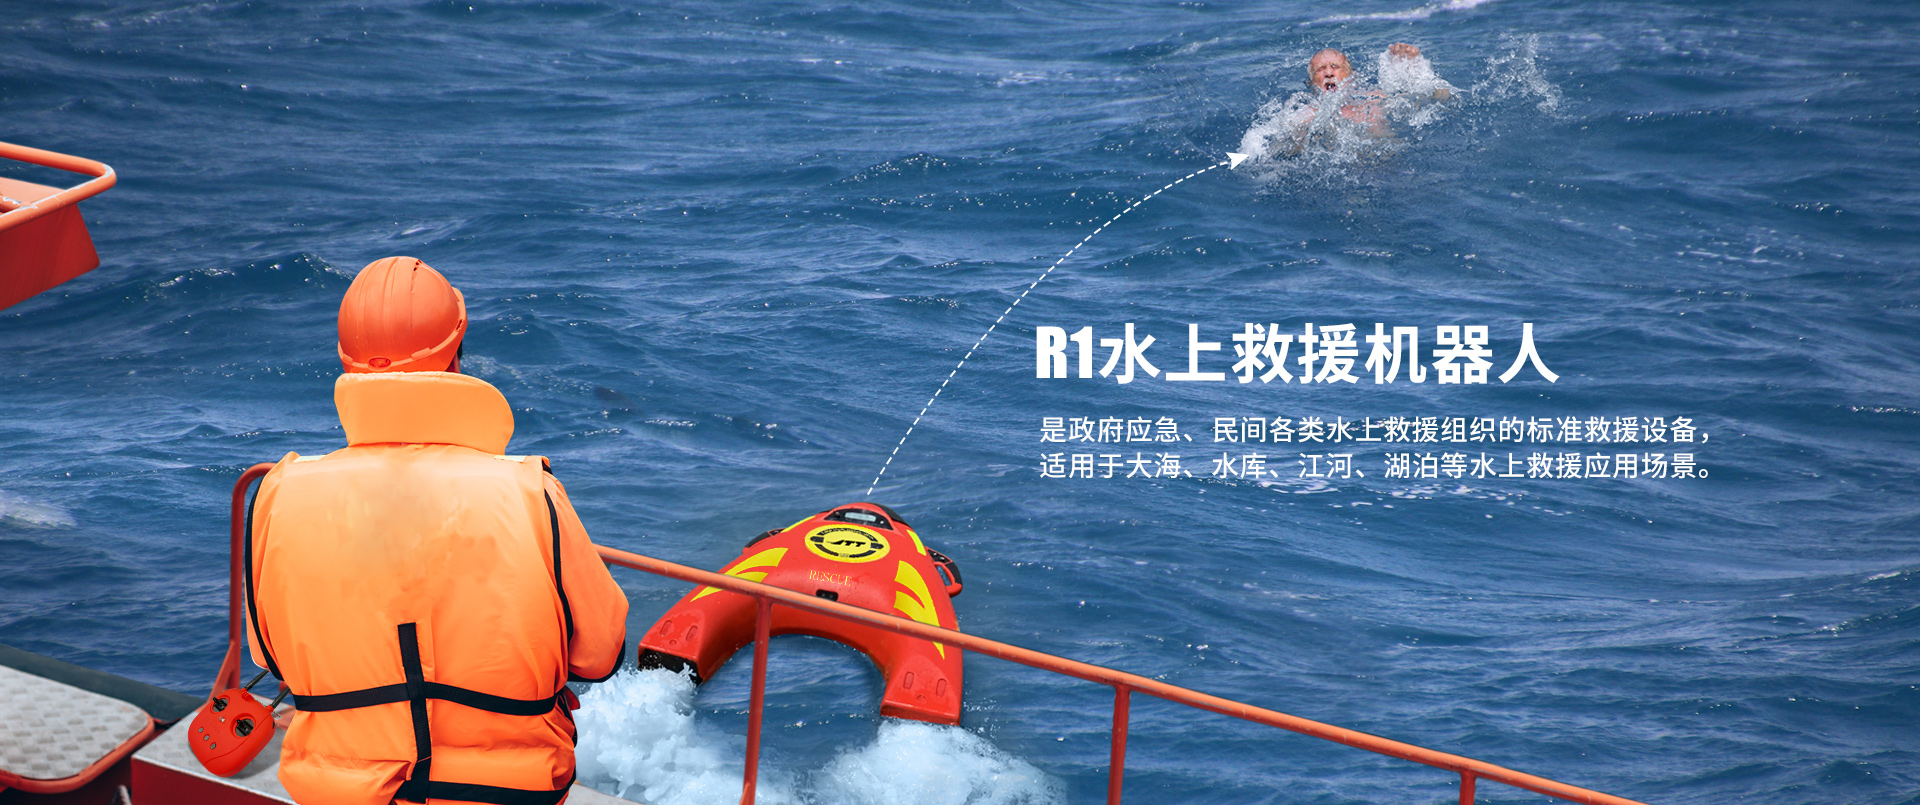 R1水上救援机器人